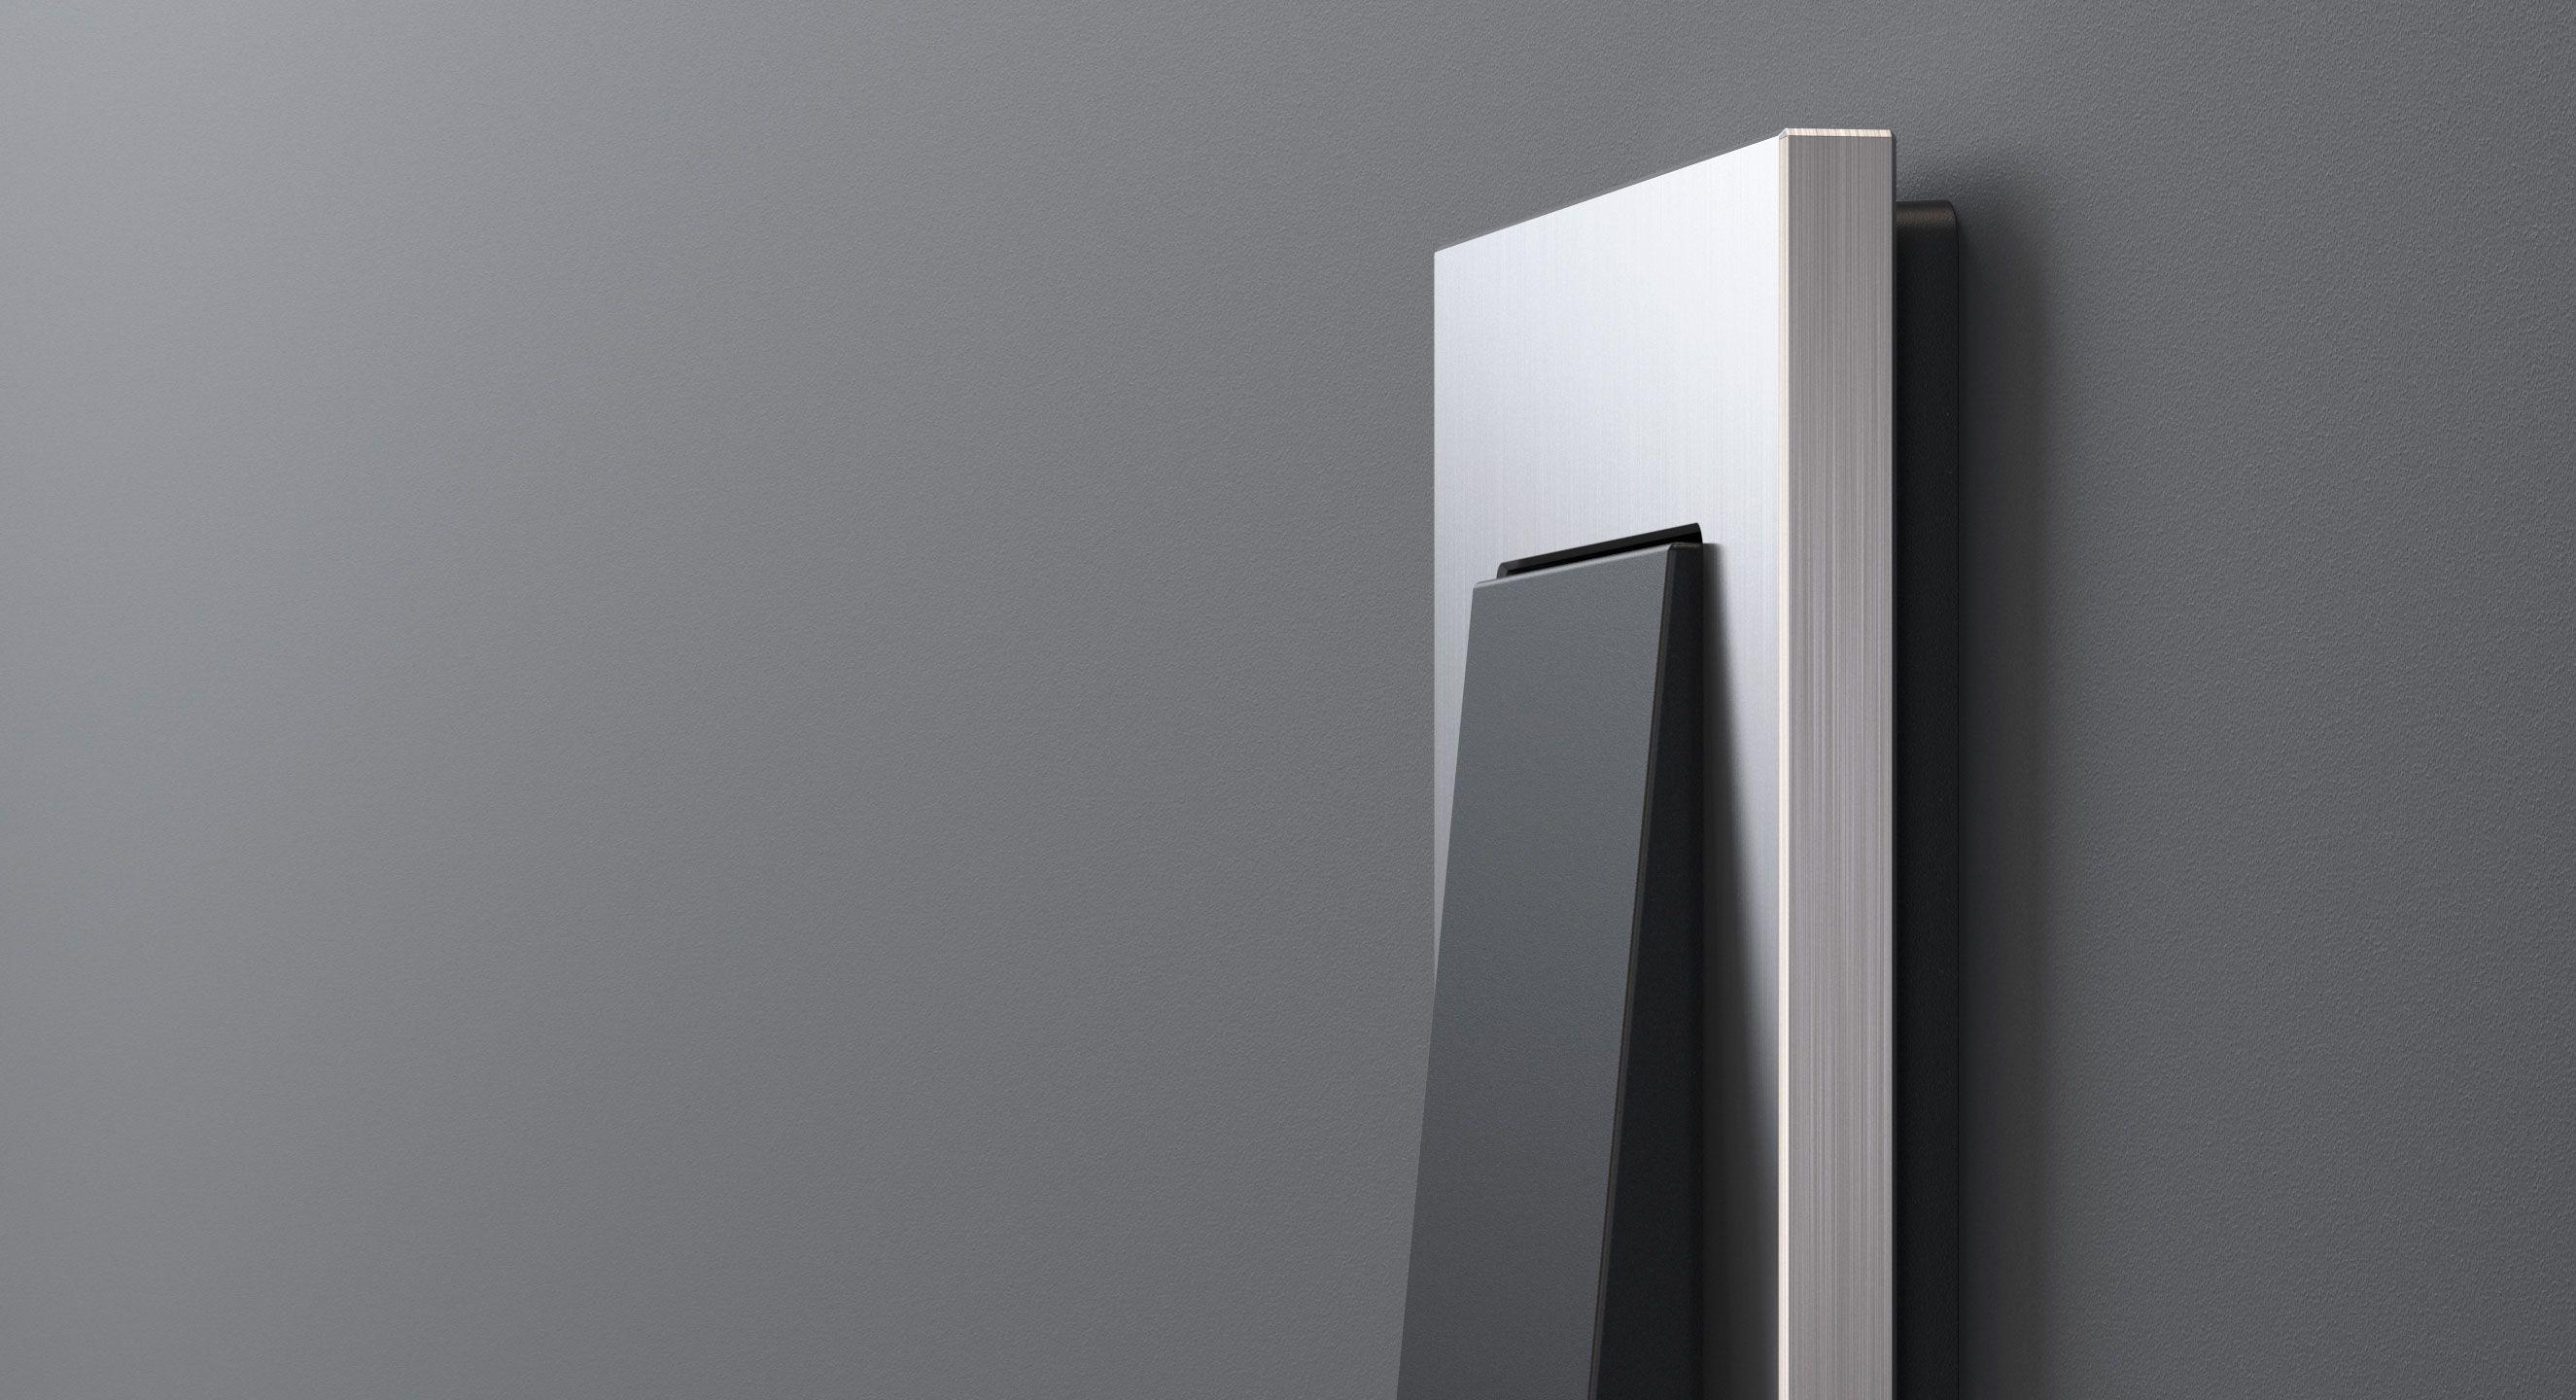 B2C_5_1_4_Aluminium_01_Header